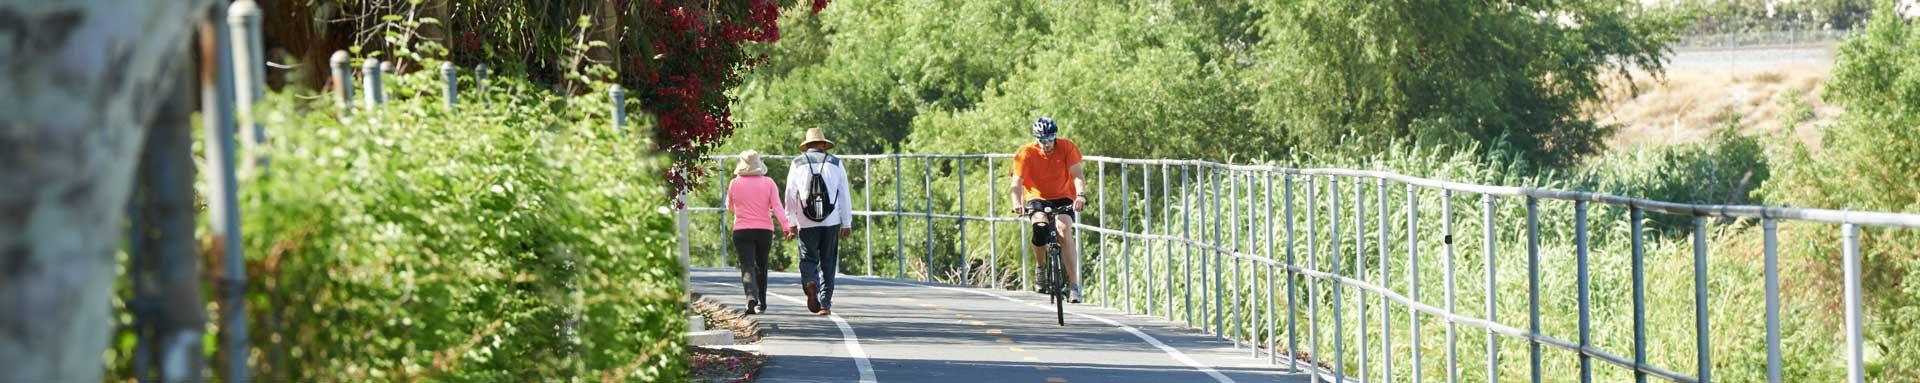 RiverPark_Slider_BikePath_1920x383_SFW-M